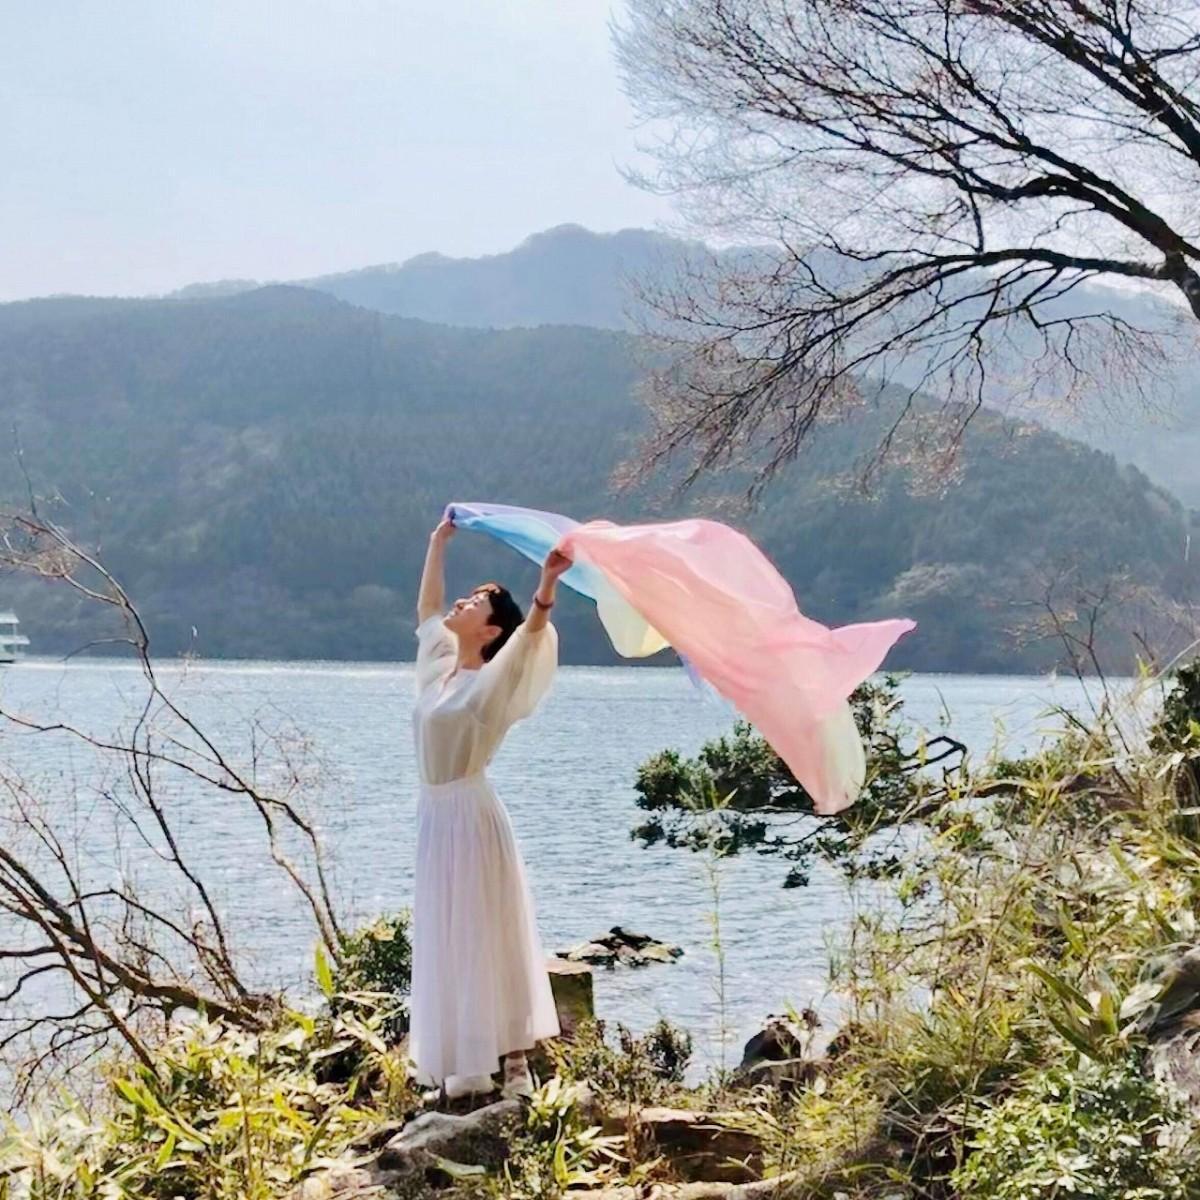 羽衣のようなシルクヴェールのやわらかな動きに身を任せる「シルクヴェール天女の舞」